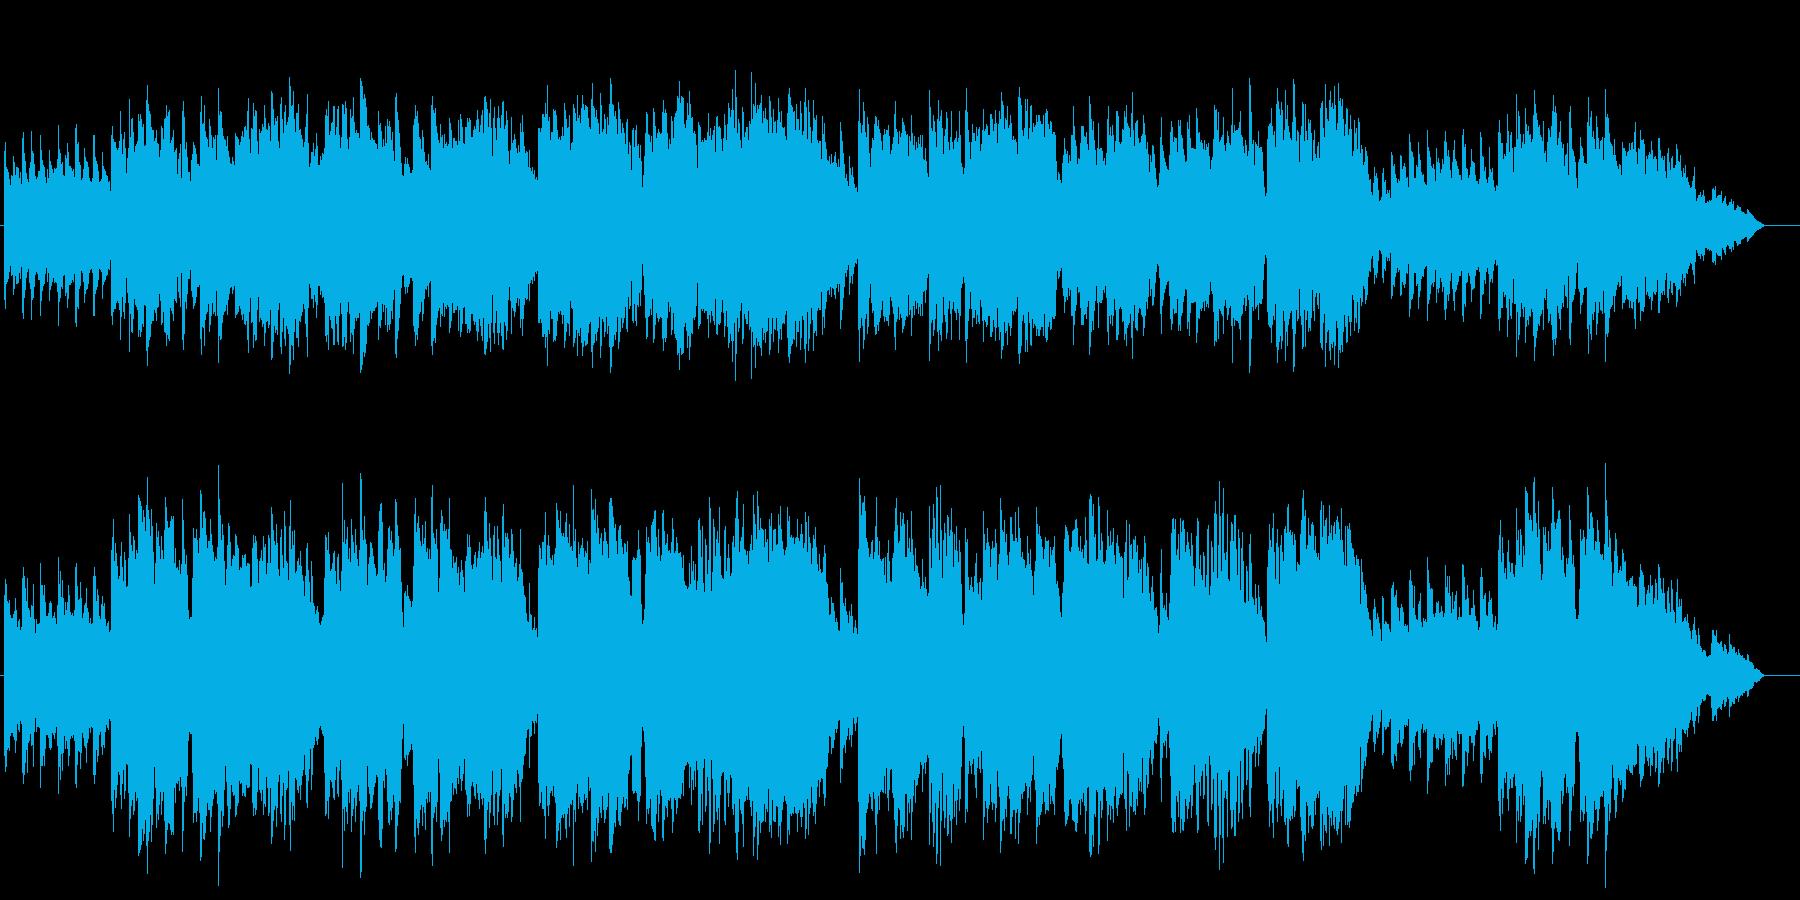 木管楽器とストリングスの風を感じる曲の再生済みの波形